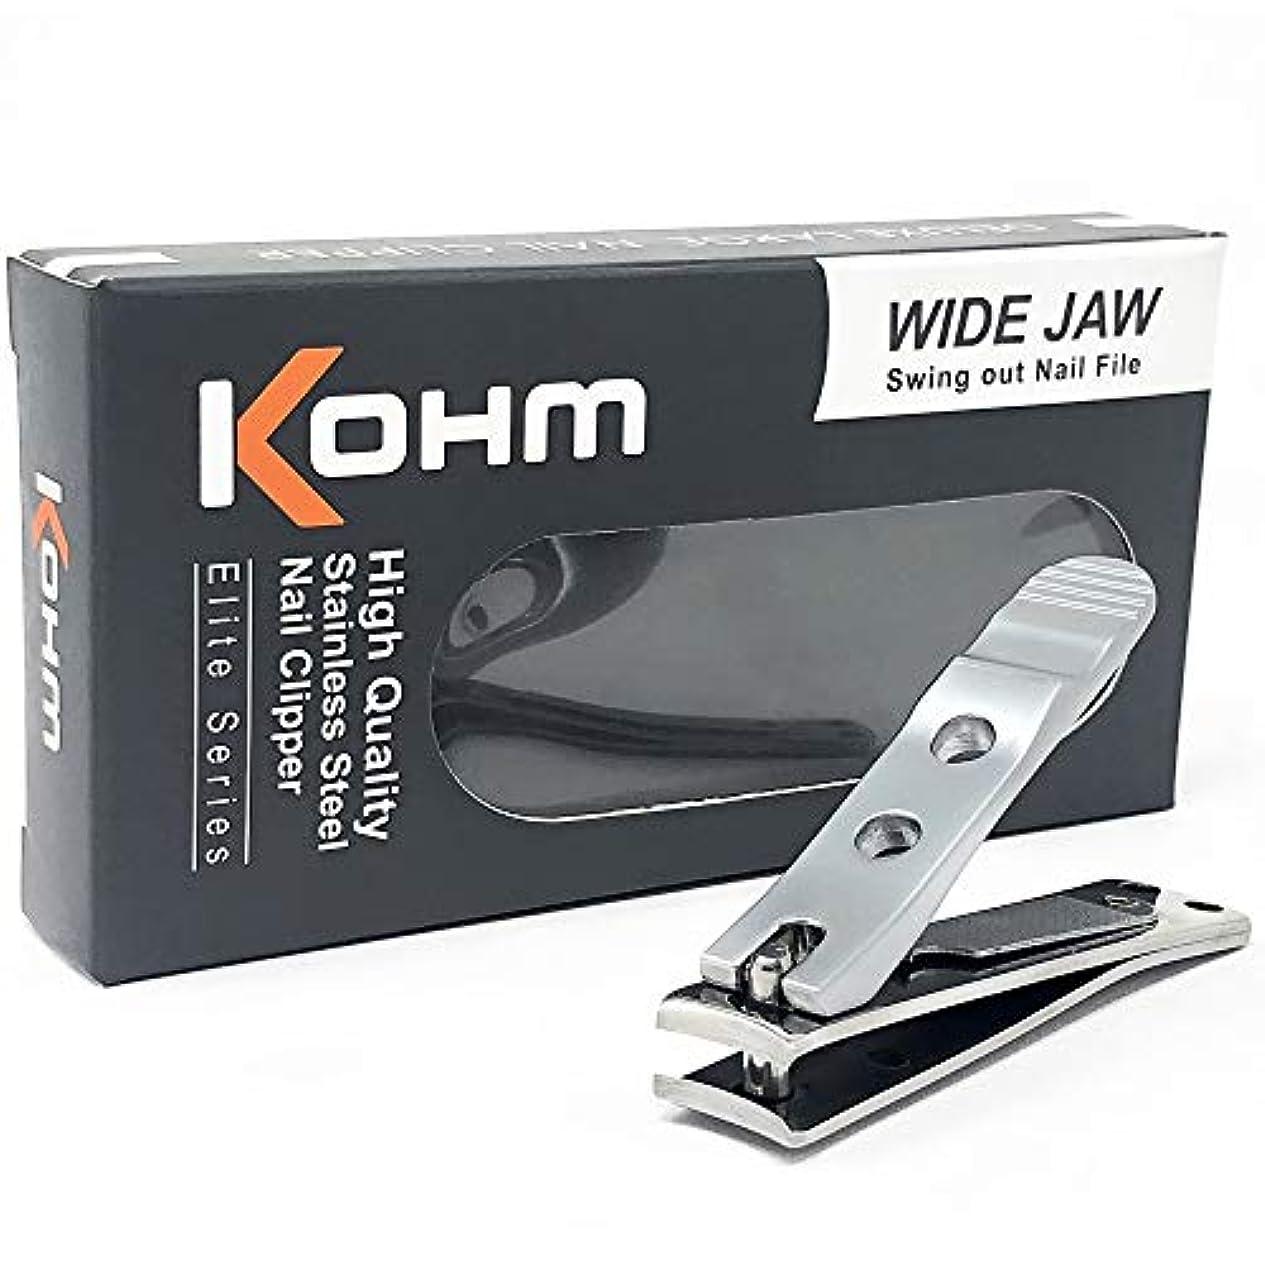 刃落ち込んでいる喉頭Kohm WHS-440L厚手の爪のための足のつかみ4mmの広い顎、湾曲した刃、釘のファイル、ヘビーデューティ。